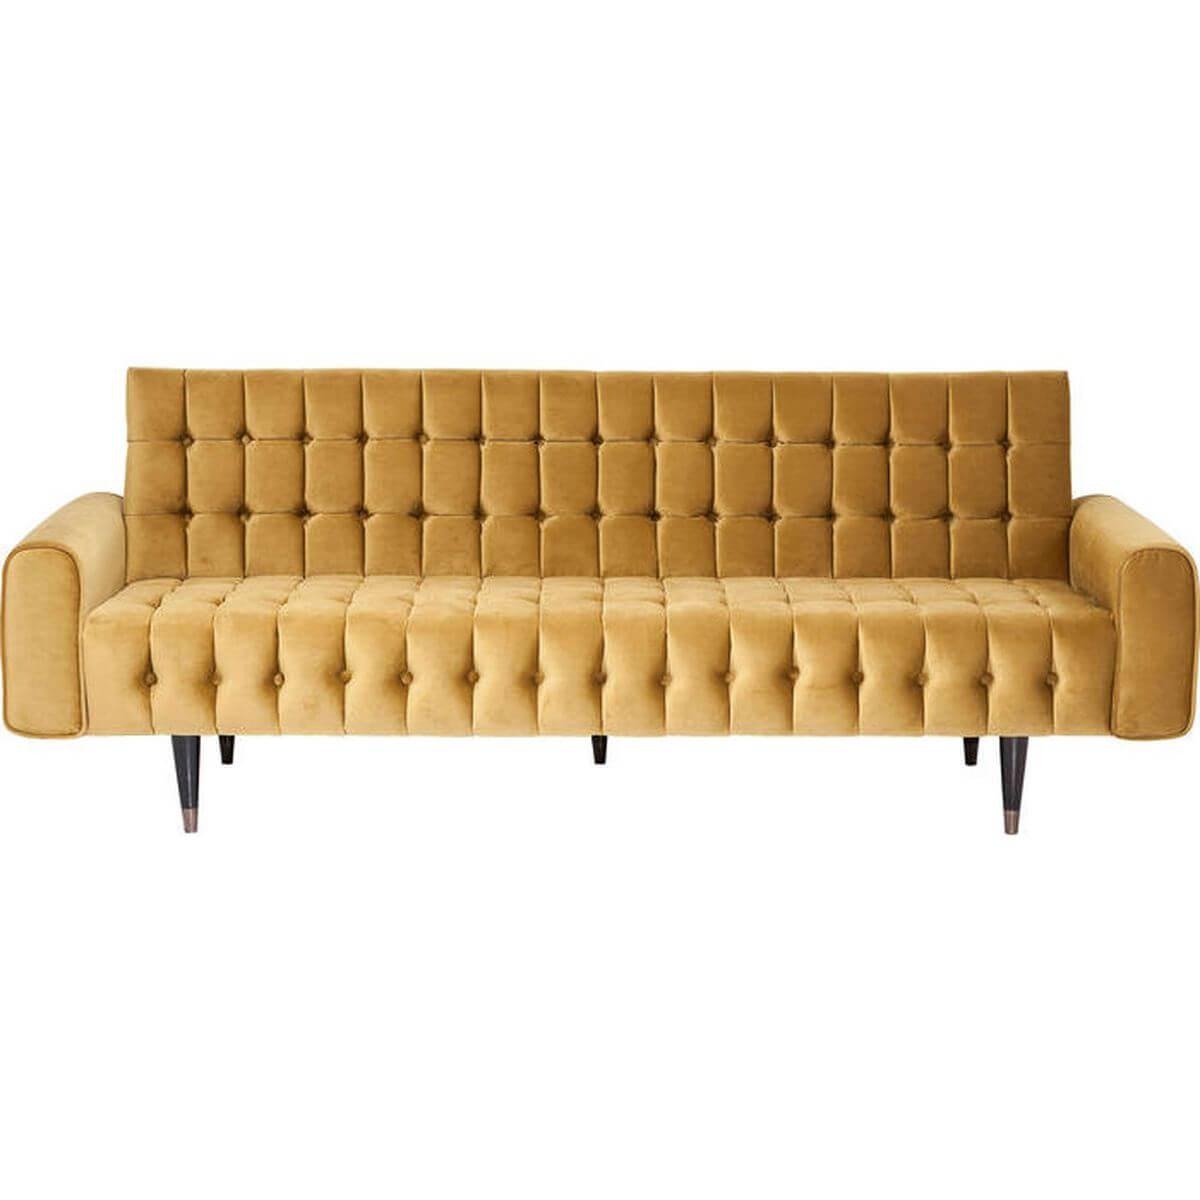 Canapé Milchbar Kare Design miel 3 places